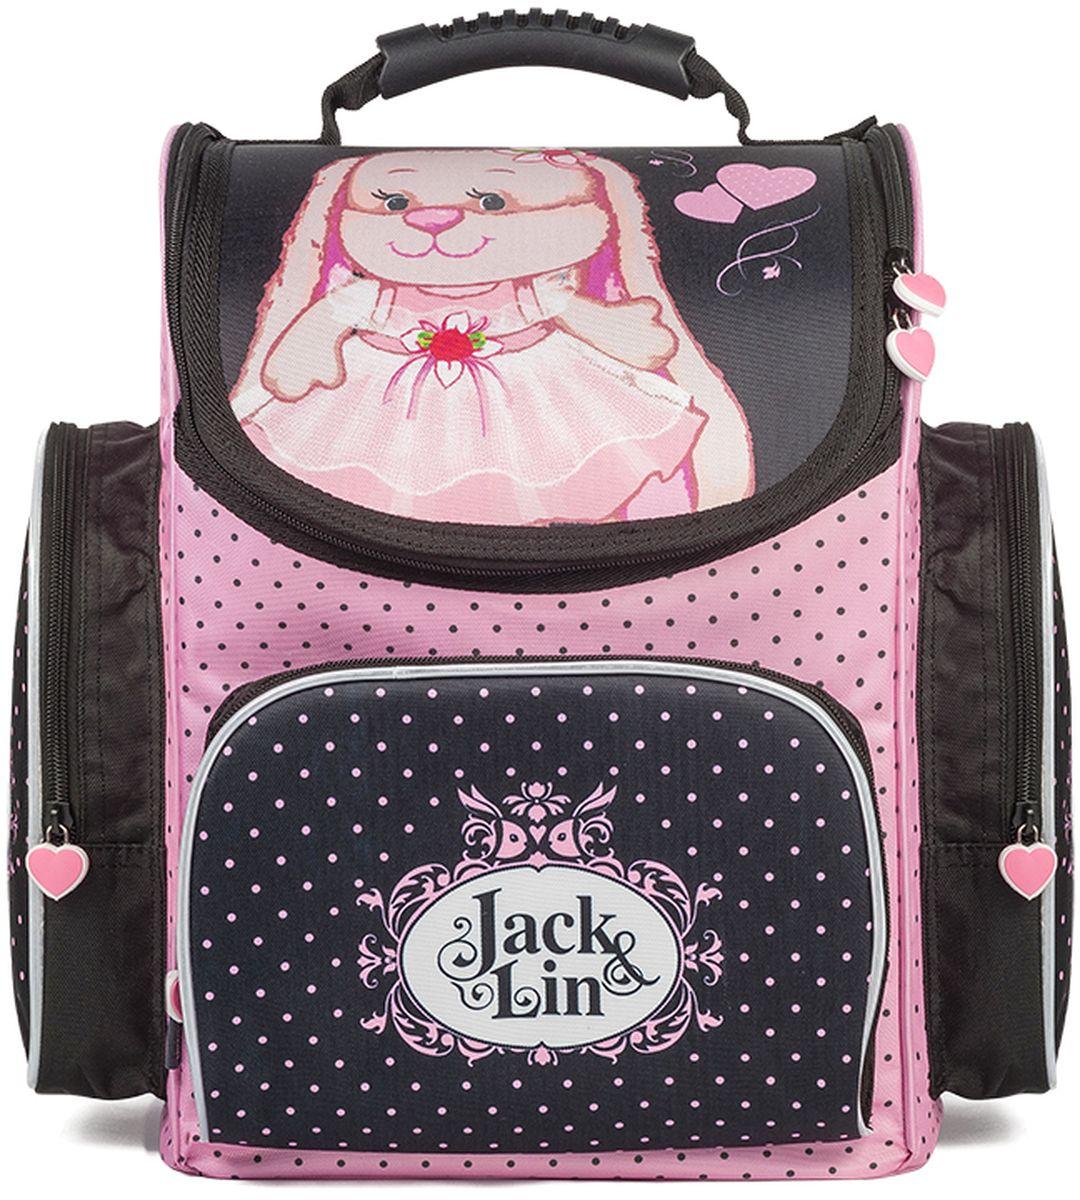 Maxitoys Рюкзак Зайка Лин в платьеJL-102017-4Школьный рюкзак-ранец Зайка Лин в платье - отличный выбор для девочек, обучающихся в начальной школе. Яркий и красивый рисунок в виде очаровательной Зайки Лин в розовом платье, резиновые пуллеры-сердечки обязательно понравятся вашему ребенку. Рюкзак состоит из одного основного вместительного отделения на молнии, оснащенного внутренним разделителем для учебников и тетрадей, одного внешнего кармана на молнии и двух боковых карманов на молнии. Пластиковые ножки защитят дно от загрязнений. Жесткий каркас и усиленная спинка позволят максимально правильно распределить нагрузку на позвоночник ребенка. Светоотражающие элементы на переднем и боковых карманах, а также светоотражающий принт - сердечки на лямках рюкзака обеспечат безопасность ребенка на дороге в темное время суток. Вместе с рюкзаком можно приобрести мешок для обуви Заяц Жак и Зайка Лин в Зимней Одежде JL-102017-3 с соответствующим рисунком. Размер рюкзака: 36 x 28 x 18 см. Вес: 1,12 кг. Состав: 100% полиэстер.